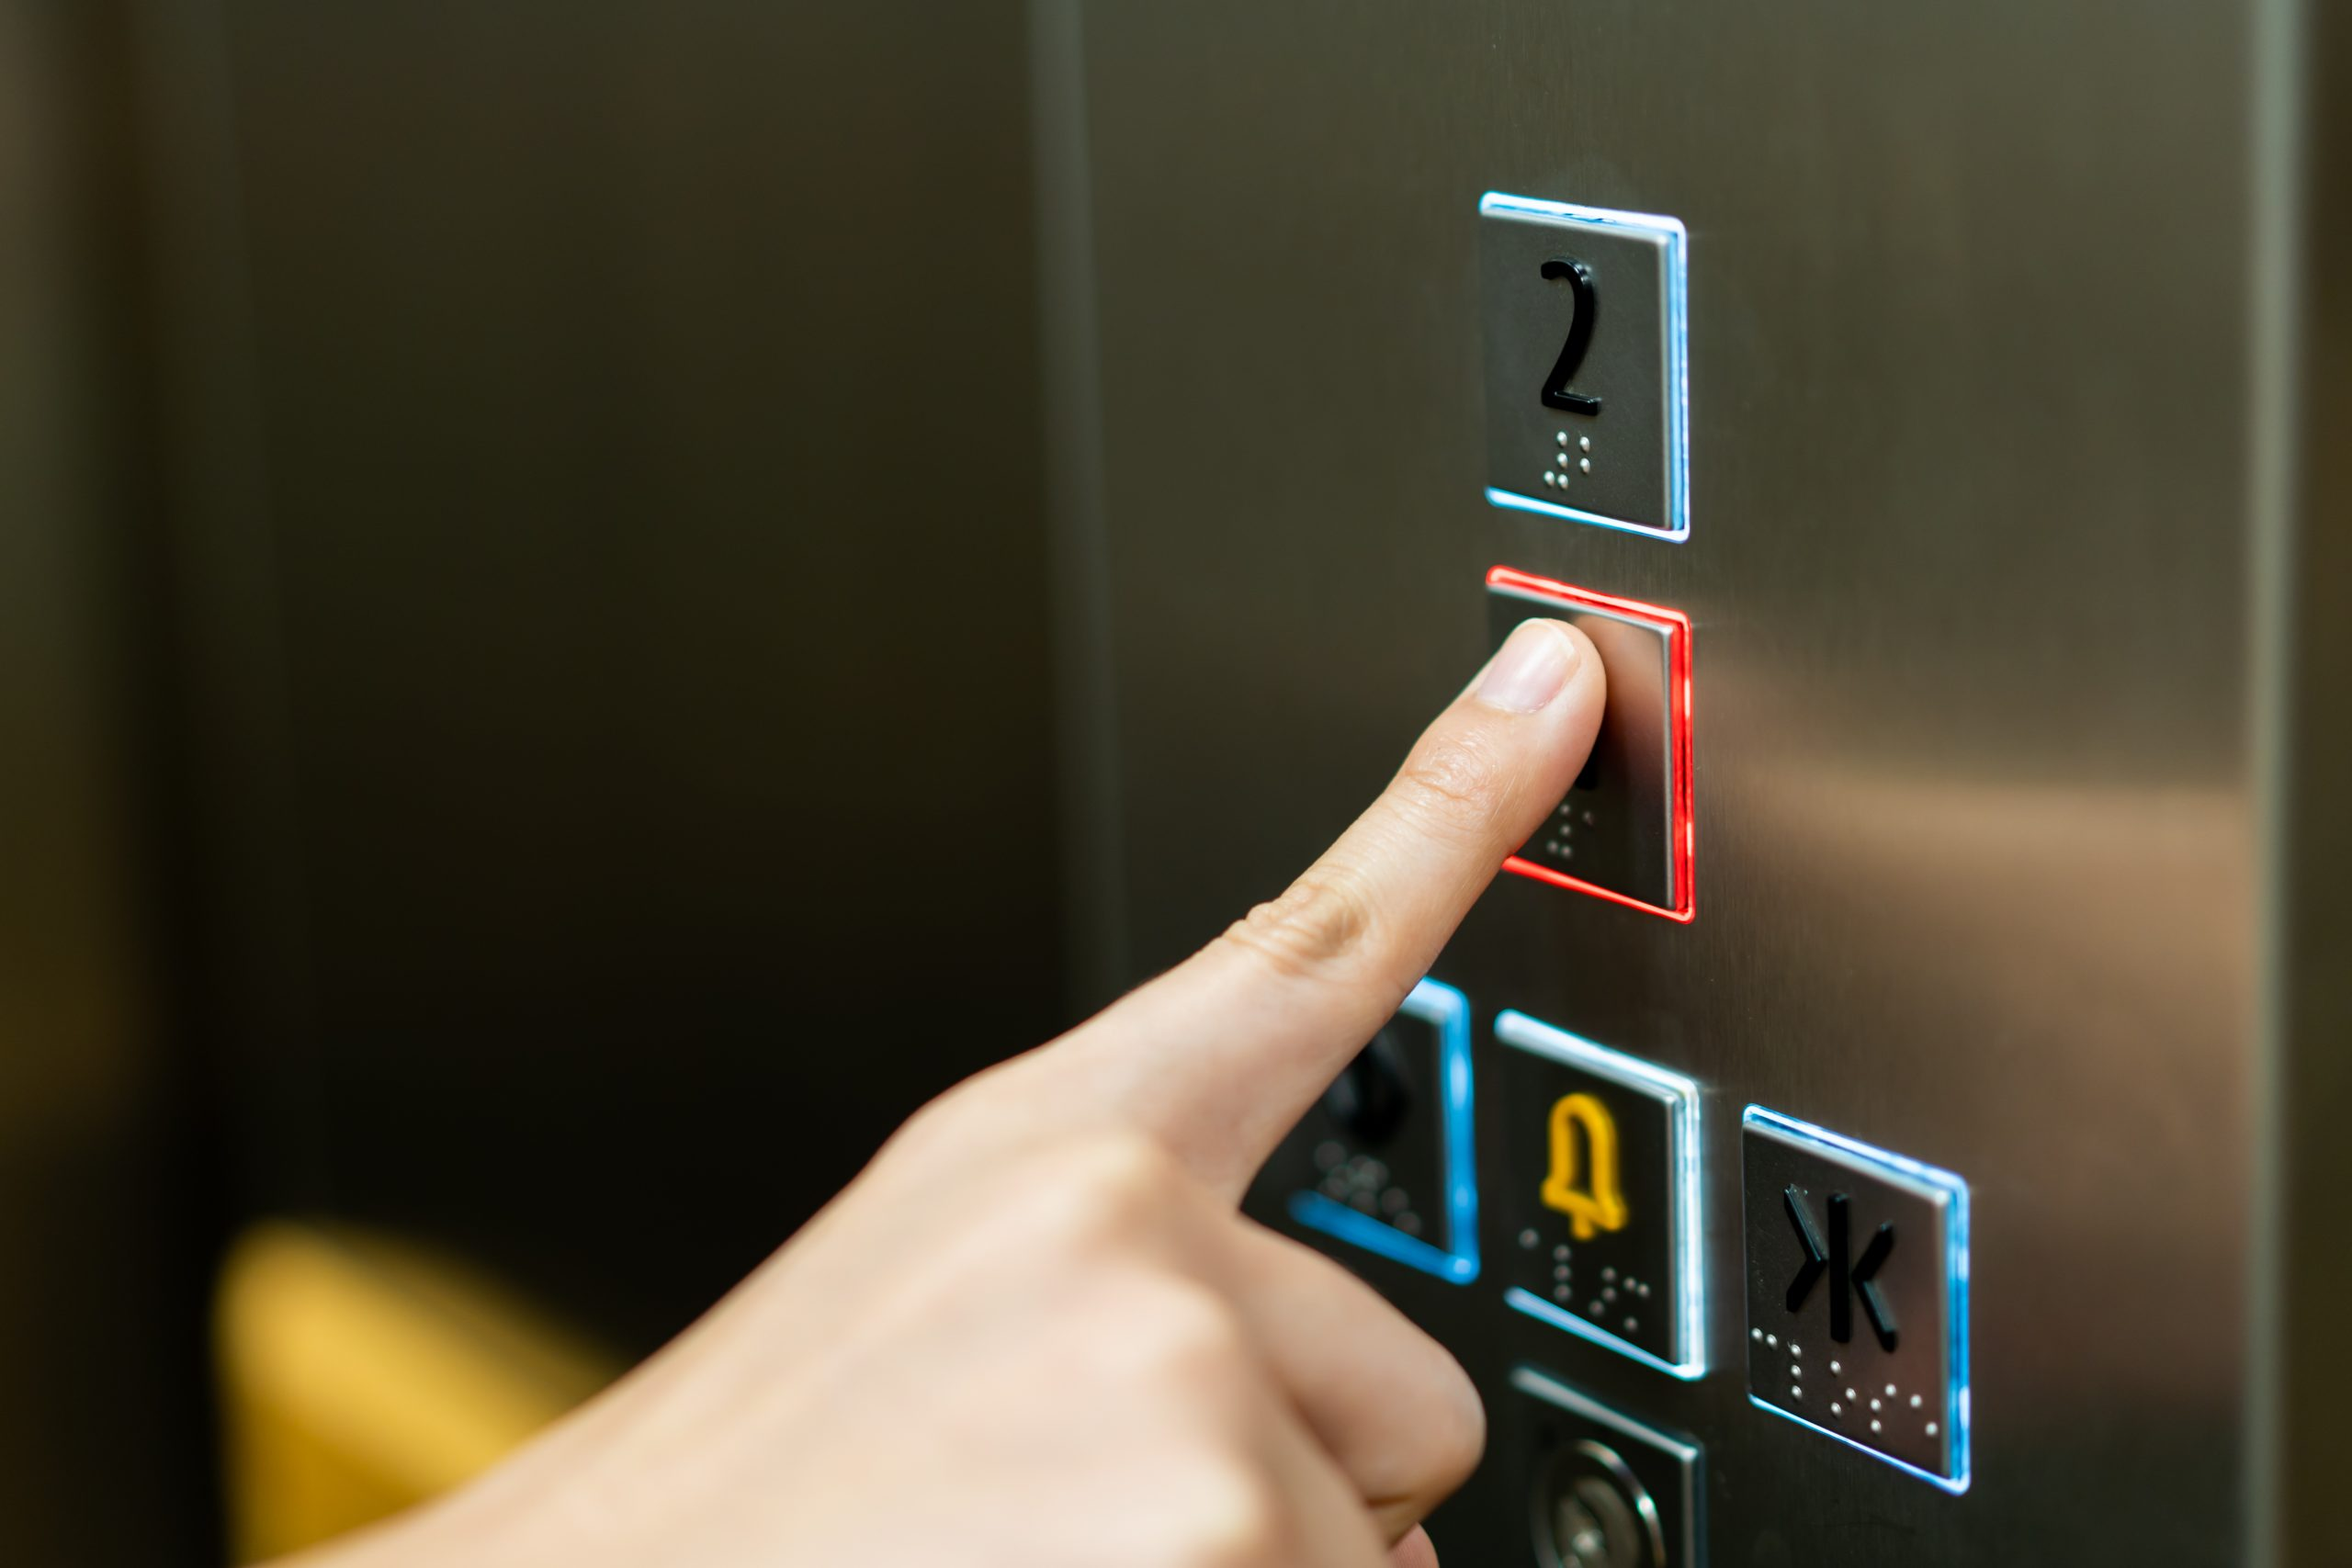 Çanakkale Asansör Sorumluluk Sigortası, Asansör Sorumluluk Sigortası, Aybek Sigorta